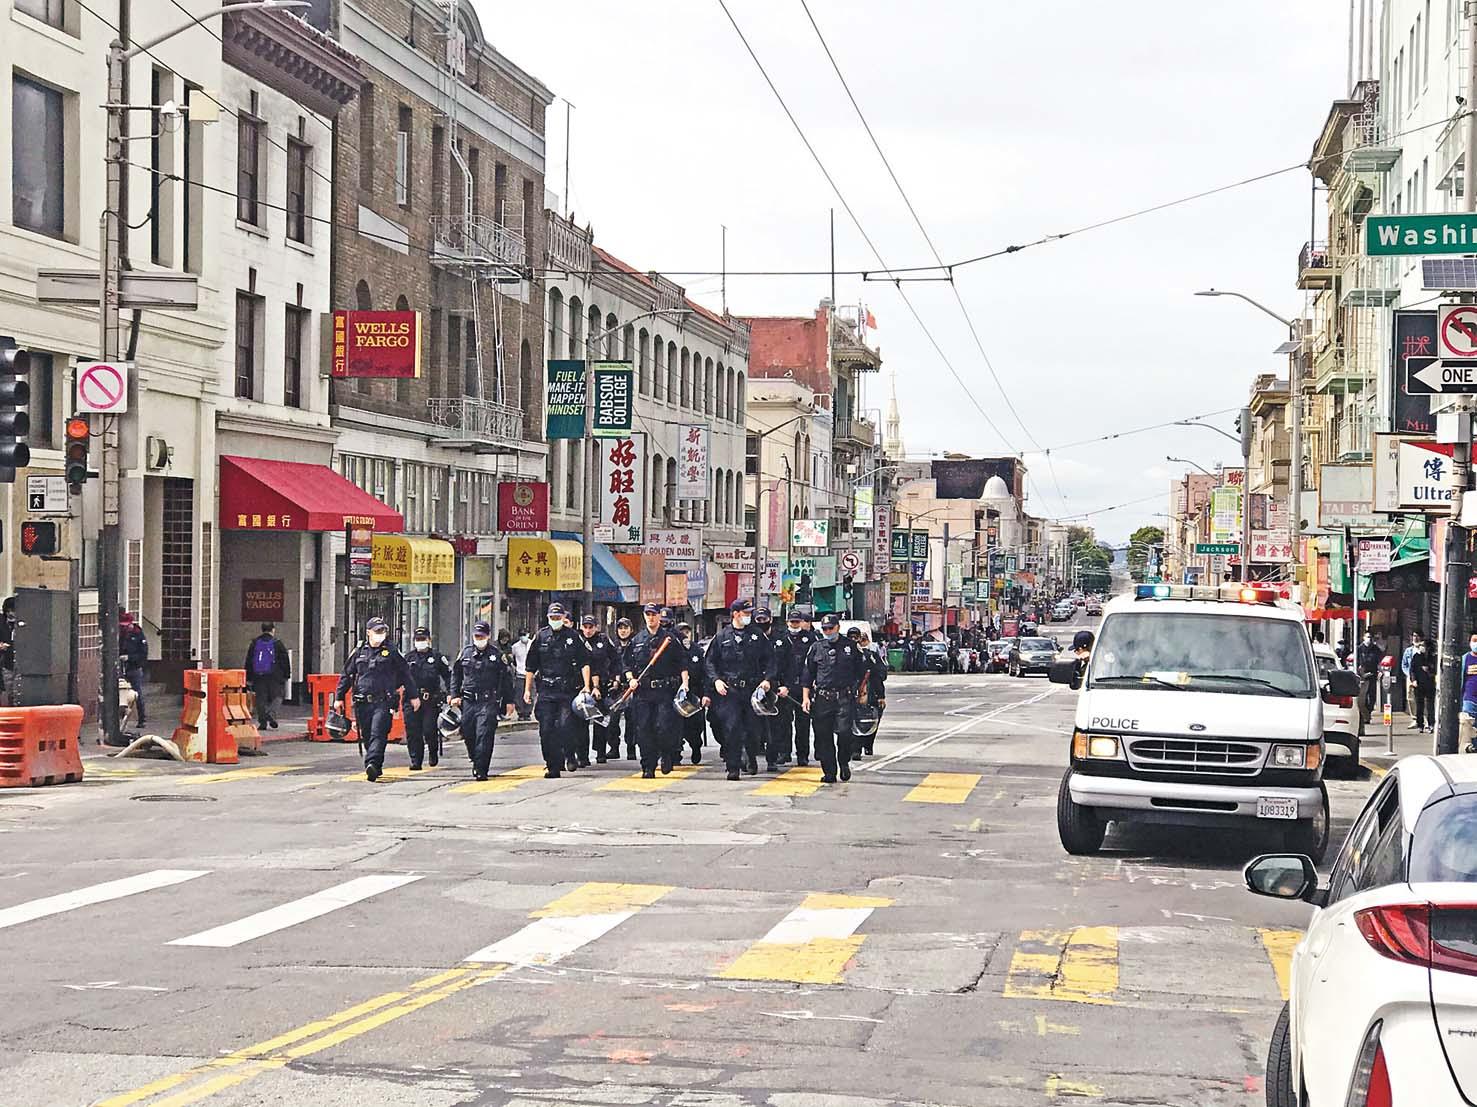 三藩市大批防暴裝備警員周日下午巡邏,經過華埠前往聯合廣場。 記者 劉玉姝攝